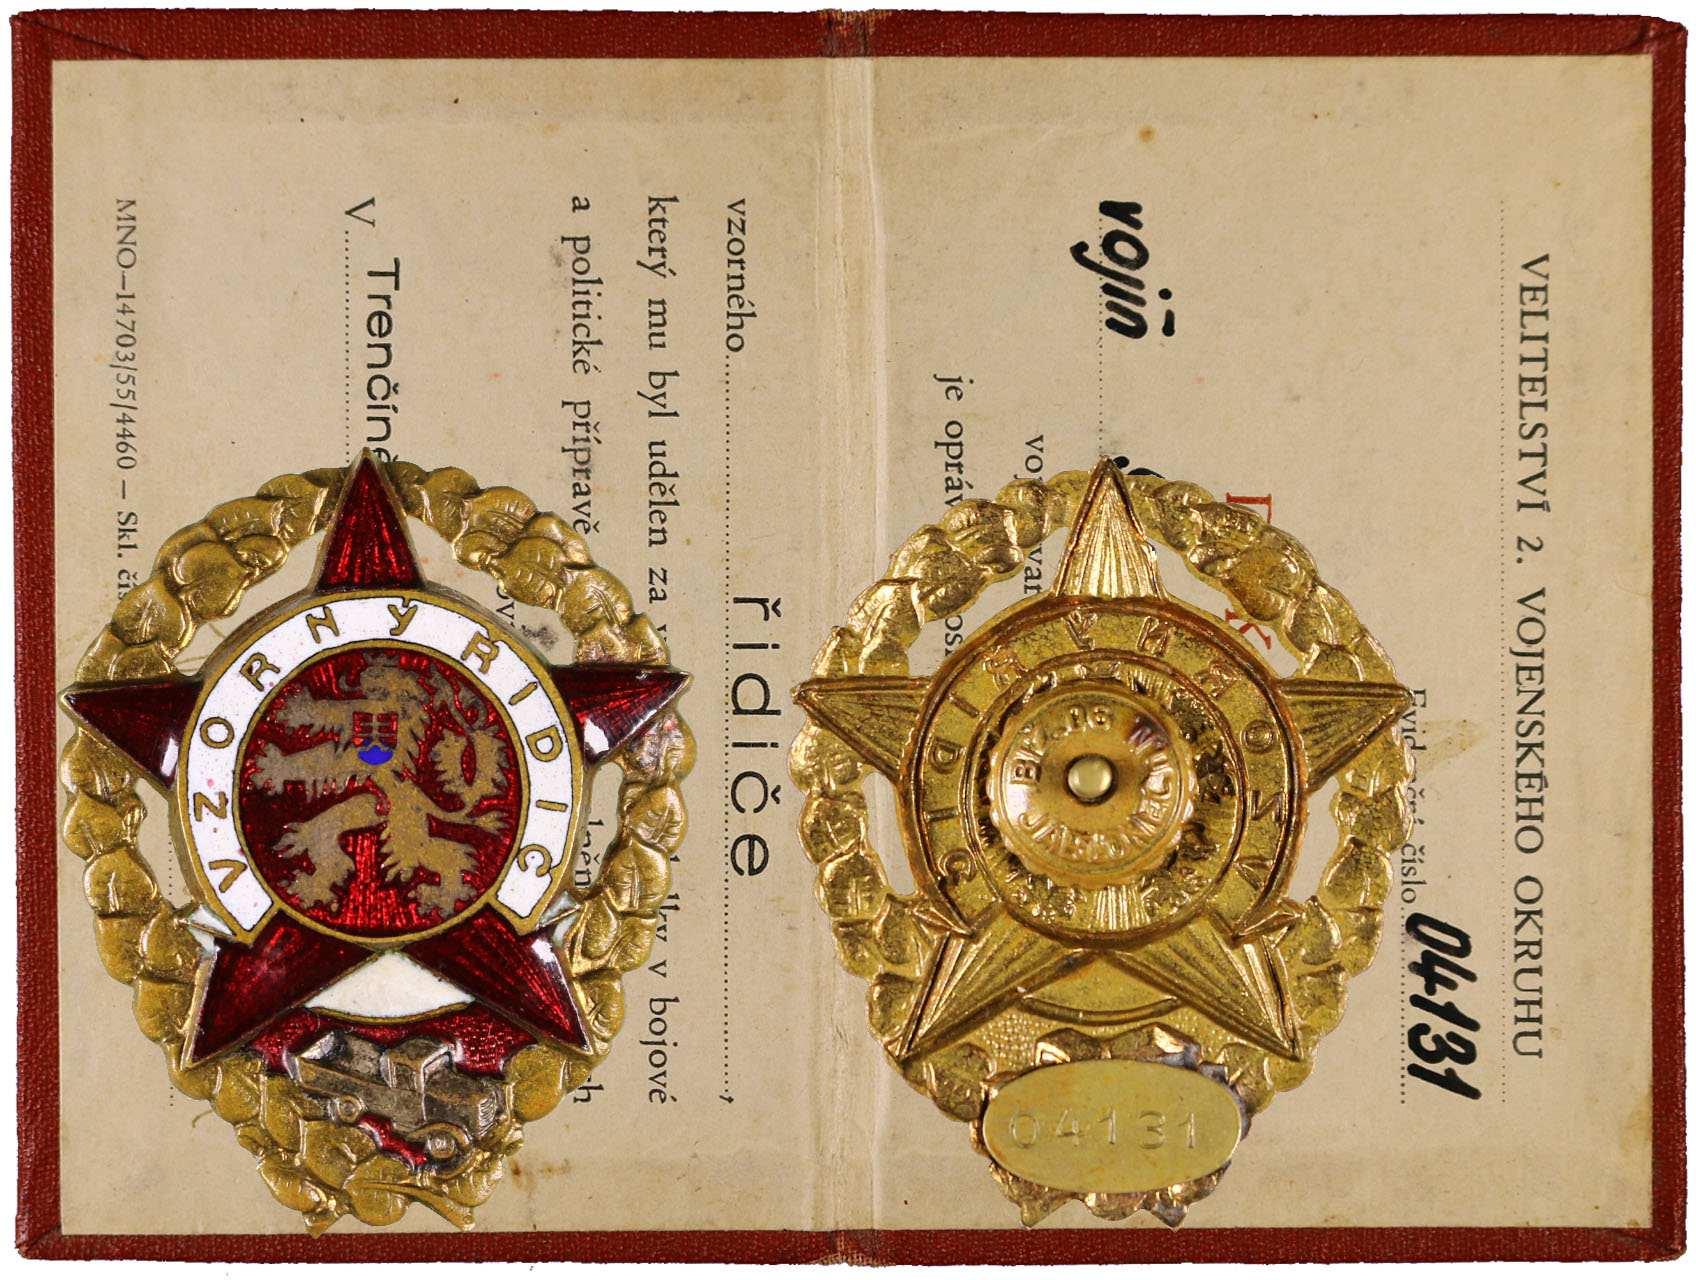 Odznak Vzorný řidič č. 04131 s průkazkou, udělení 6. 10. 1956